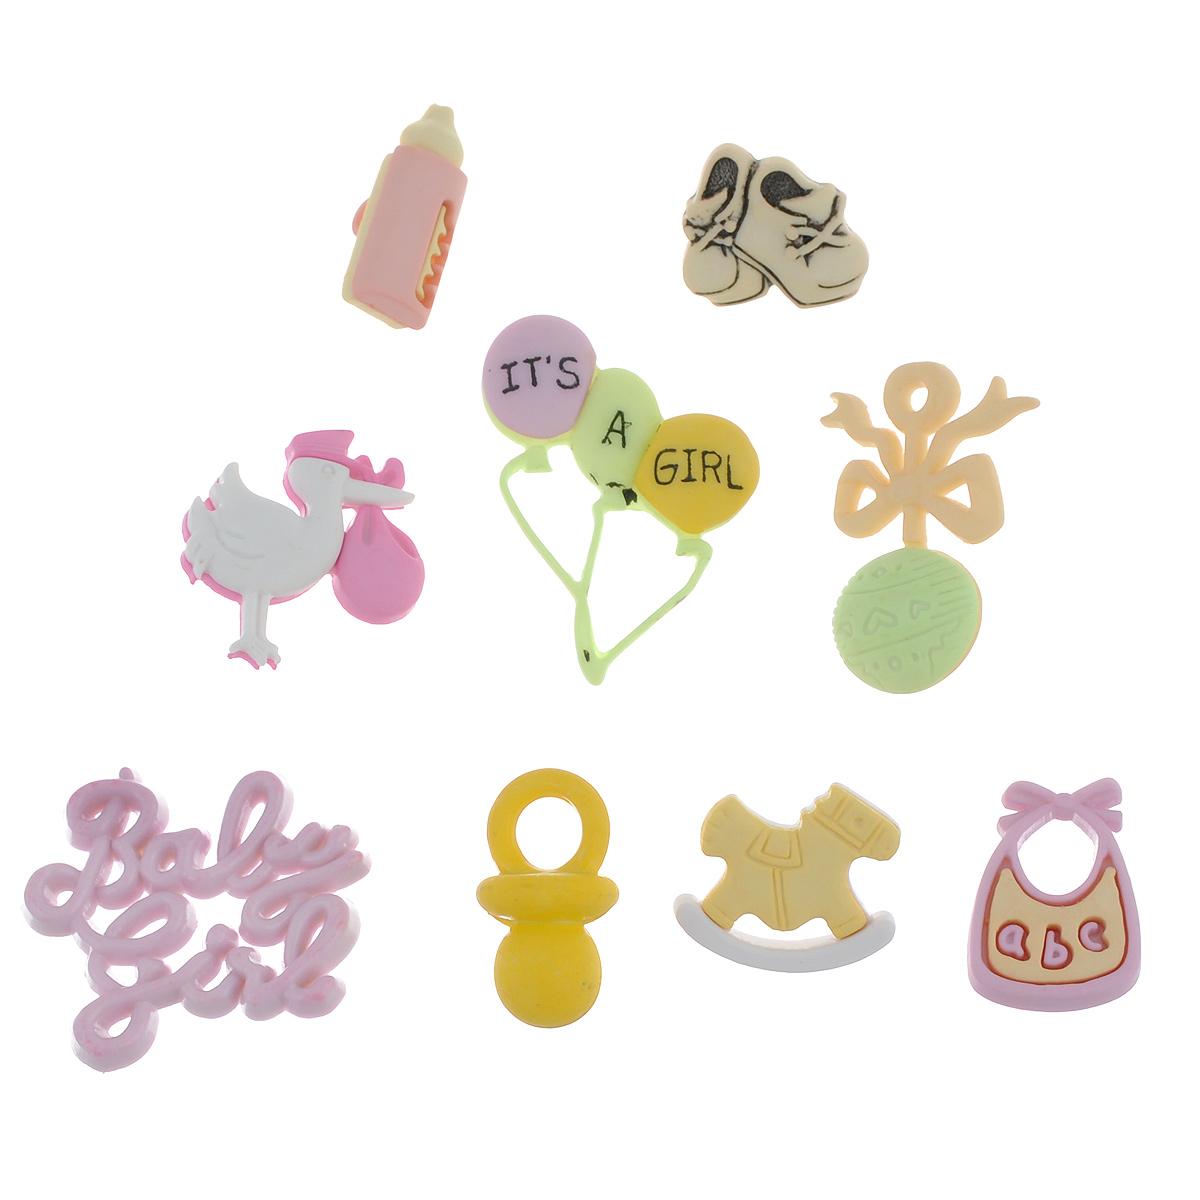 Пуговицы декоративные Buttons Galore & More Baby, 8 шт7705924Набор Buttons Galore & More Baby состоит из 5 декоративных пуговиц на ножке и 3 элементов, которые можно приклеить. Изделия выполнены из пластика в форме детских игрушек, соски, аиста, шариков. Предметы набора подходят для любых видов творчества: скрапбукинга, декорирования, шитья, изготовления кукол, а также для оформления одежды. С их помощью вы сможете украсить открытку, фотографию, альбом, подарок и другие предметы ручной работы. Изделия имеют оригинальный и яркий дизайн. Средний размер пуговицы: 2 см х 2,2 см х 1 см.